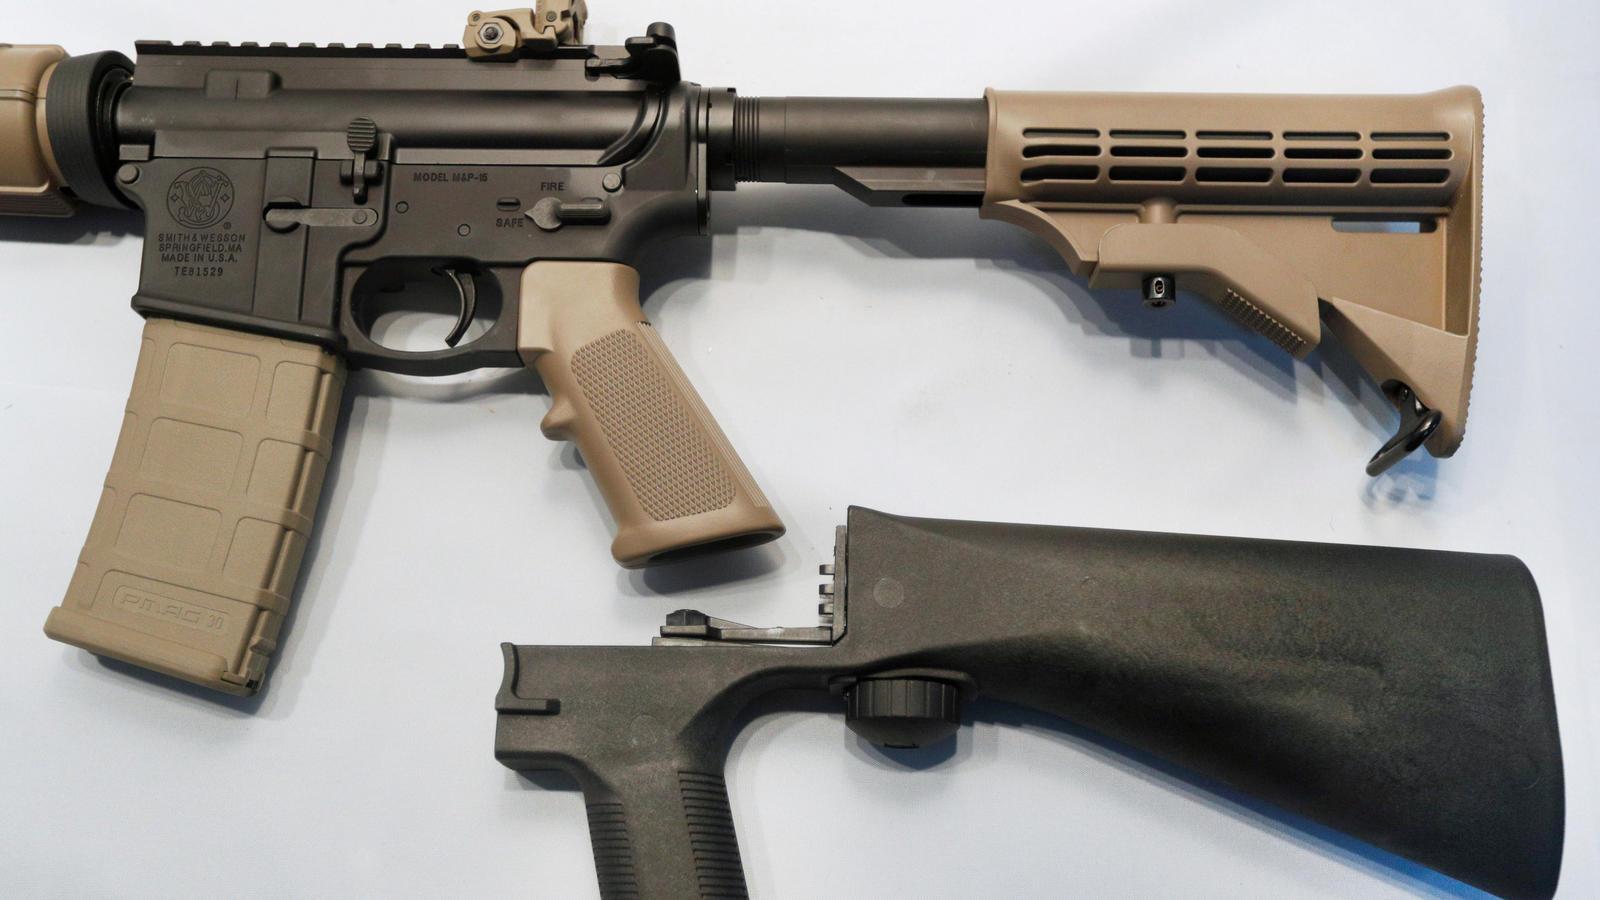 US-Politiker erwägen Verschärfung des Waffengesetzes [0:54]